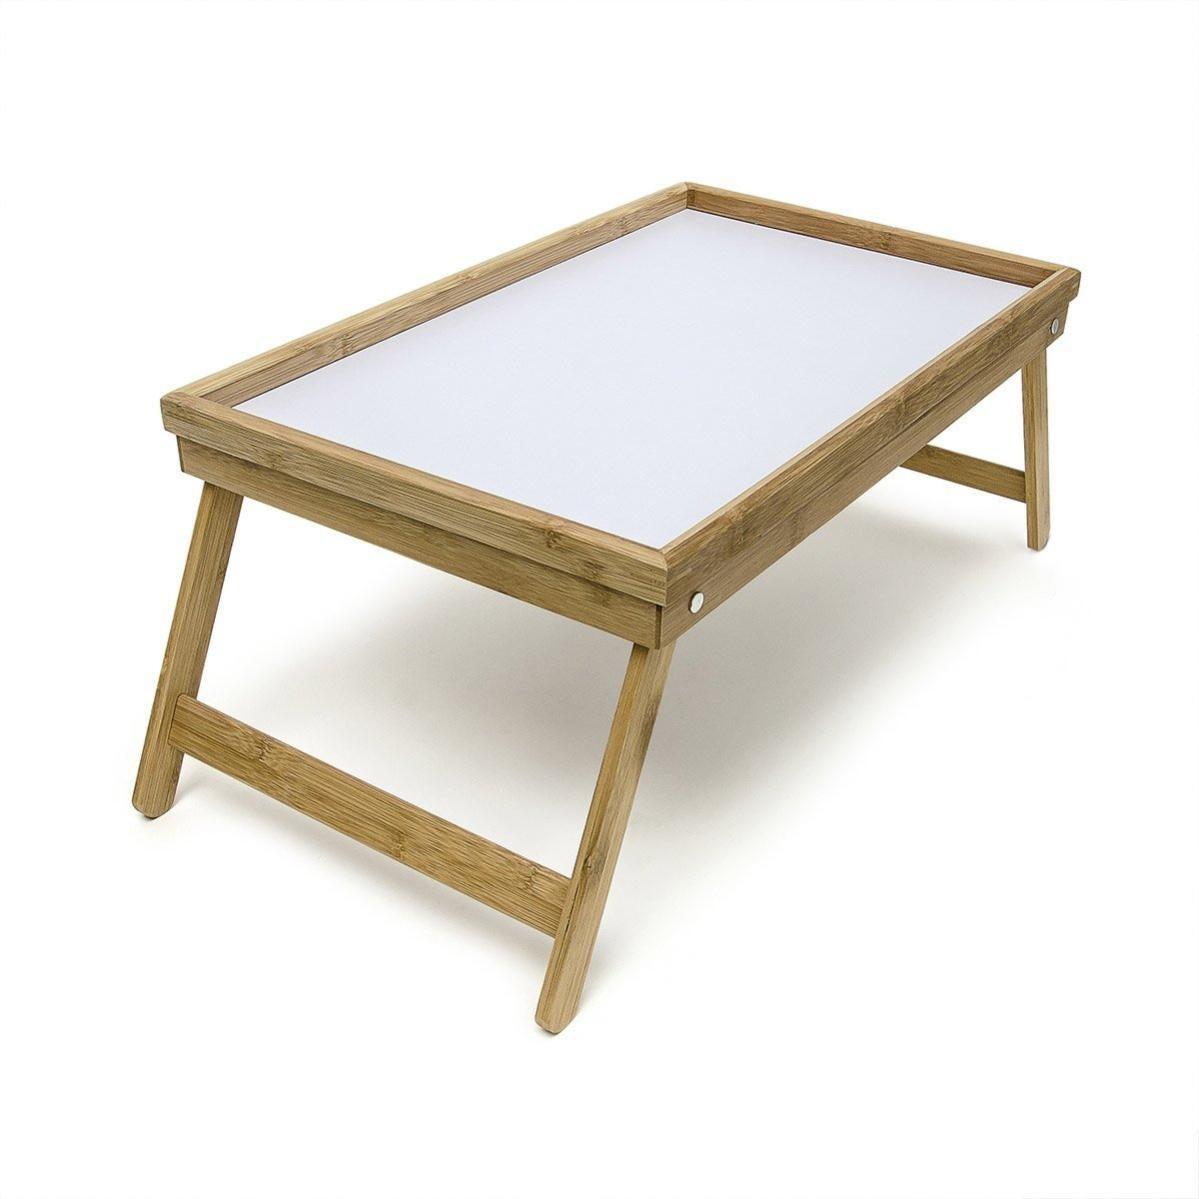 Plateau De Lit Petite Table De Petit-déjeuner En Bambou 6 Cm